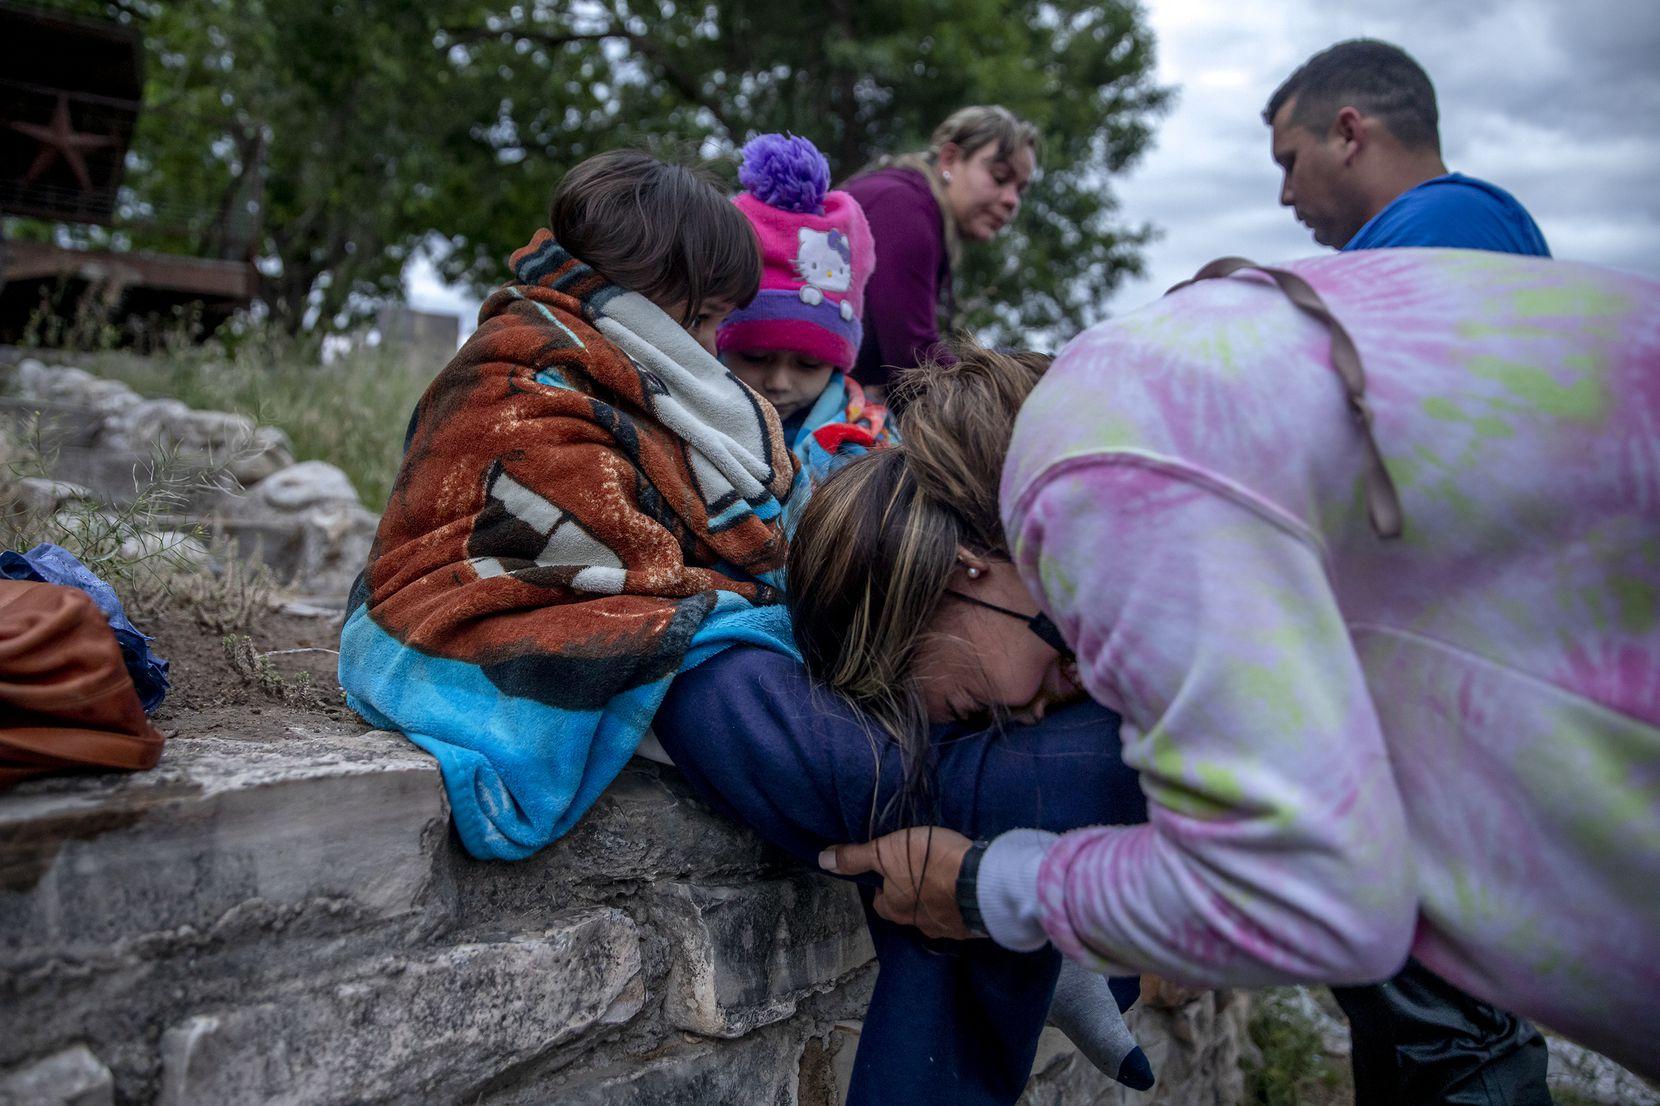 Johenny Sánchez llora después de cruzar el Río Grande cerca de Del Río el viernes 30 de abril de 2021. Sánchez, quien es de Venezuela, hizo el viaje con su hija, Julieta, y su esposo, Carlos Valles. (Jessica Phelps / San Antonio Express-News)